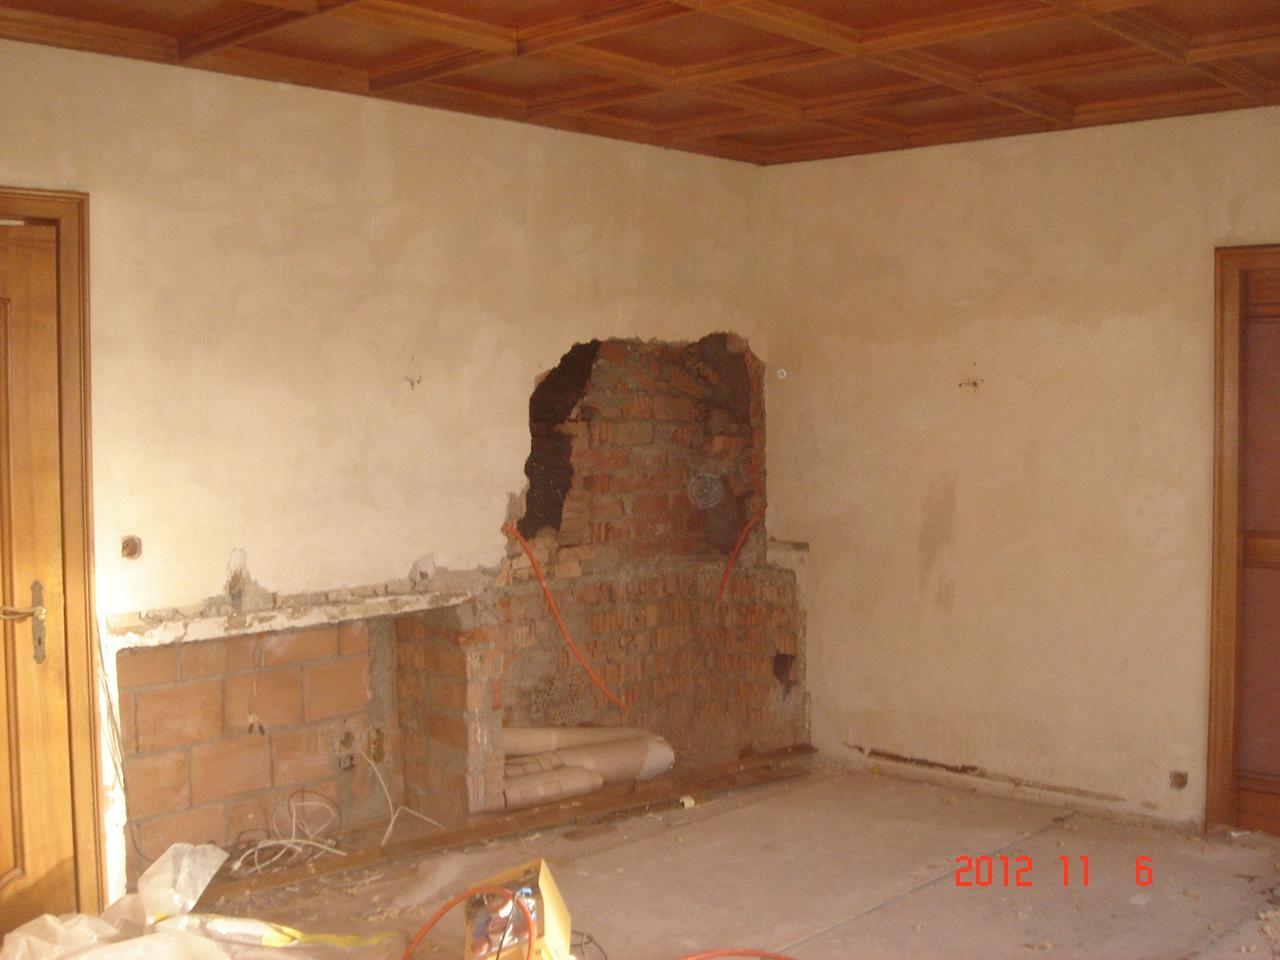 Gicot partenaires r am nagement int rieur d une villa au bord du lac - Demolition cheminee ancienne ...